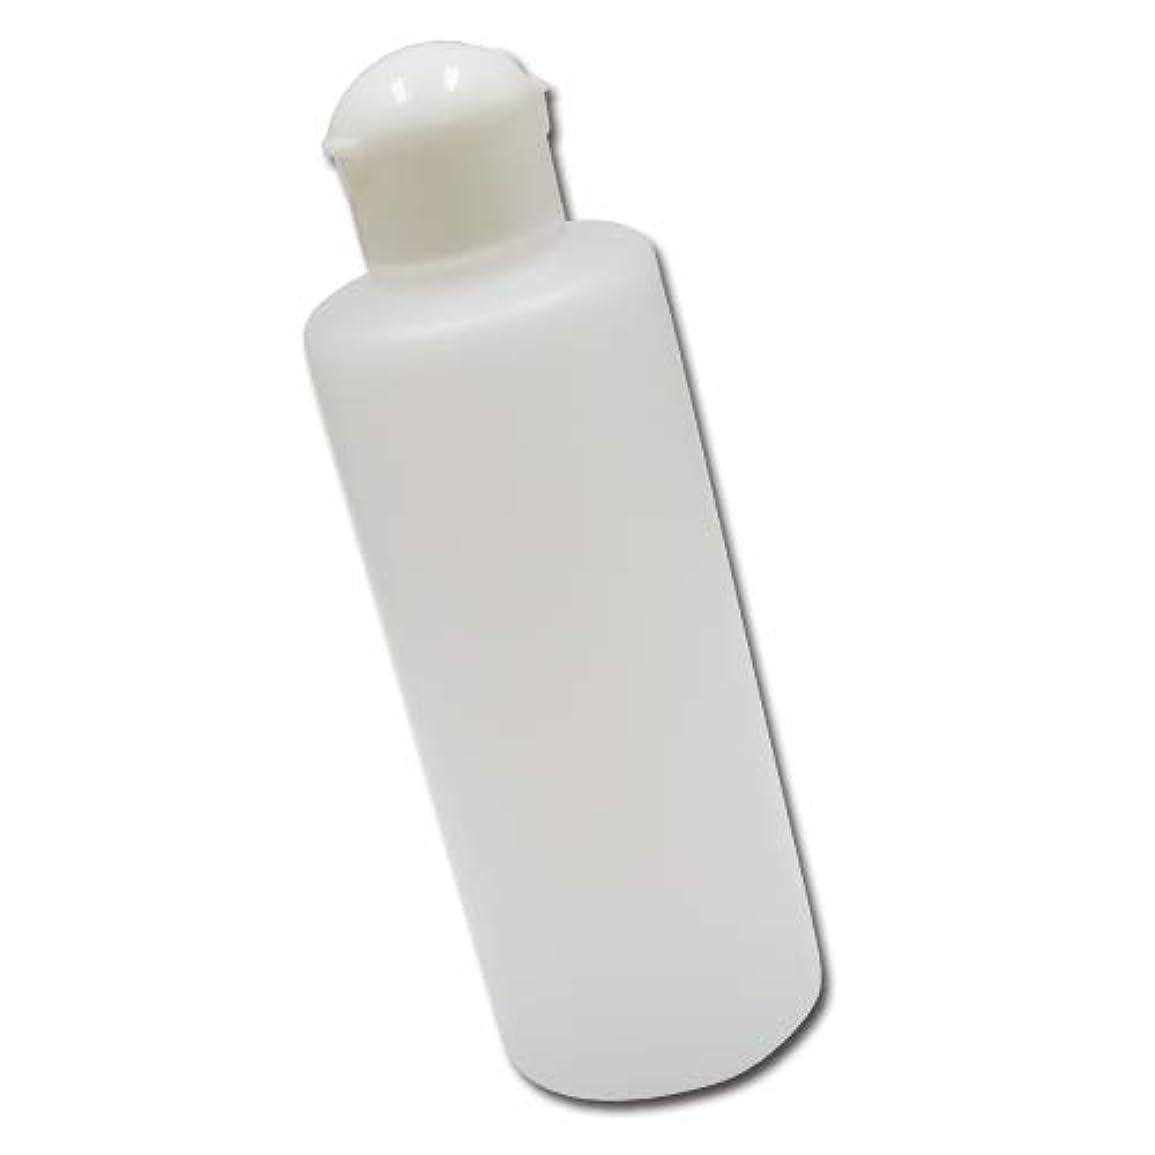 謝罪する債権者思慮深い詰め替え容器ワンタッチキャップ200ml (半透明)│業務用ローションやうがい薬、液体石鹸、調味料、化粧品などの小分けに便利なボトル